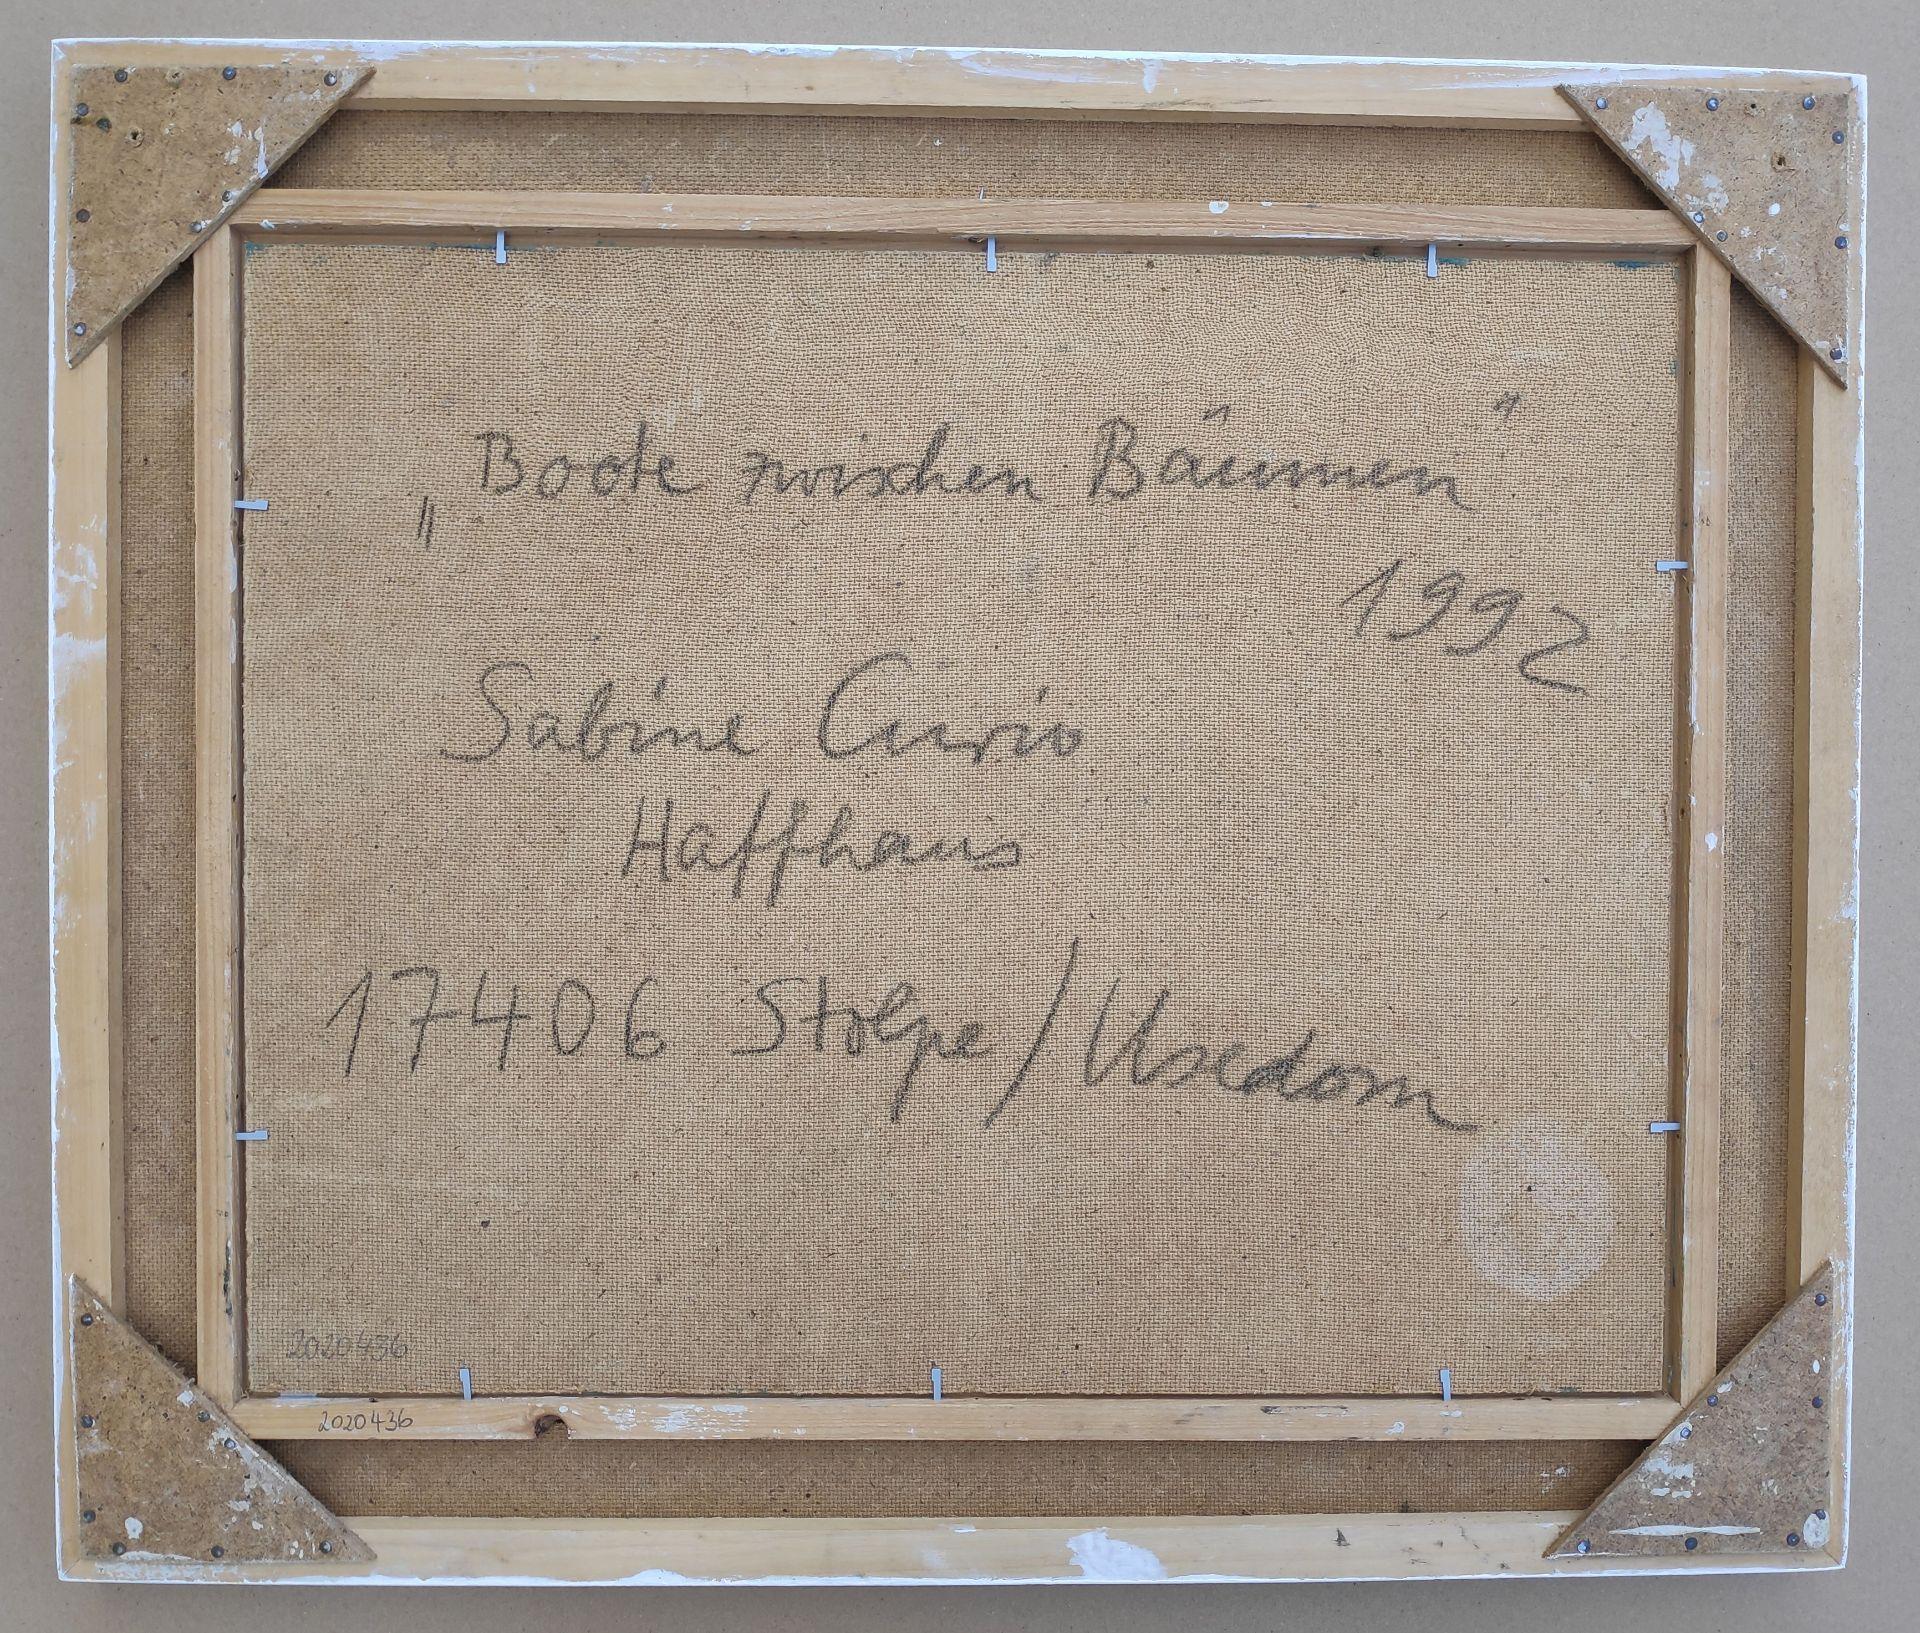 """Curio, Sabine (1950 Ahlbeck , lebt in Stolpe/Usedom) """"Boote zwischen Bäumen"""" - Bild 4 aus 4"""